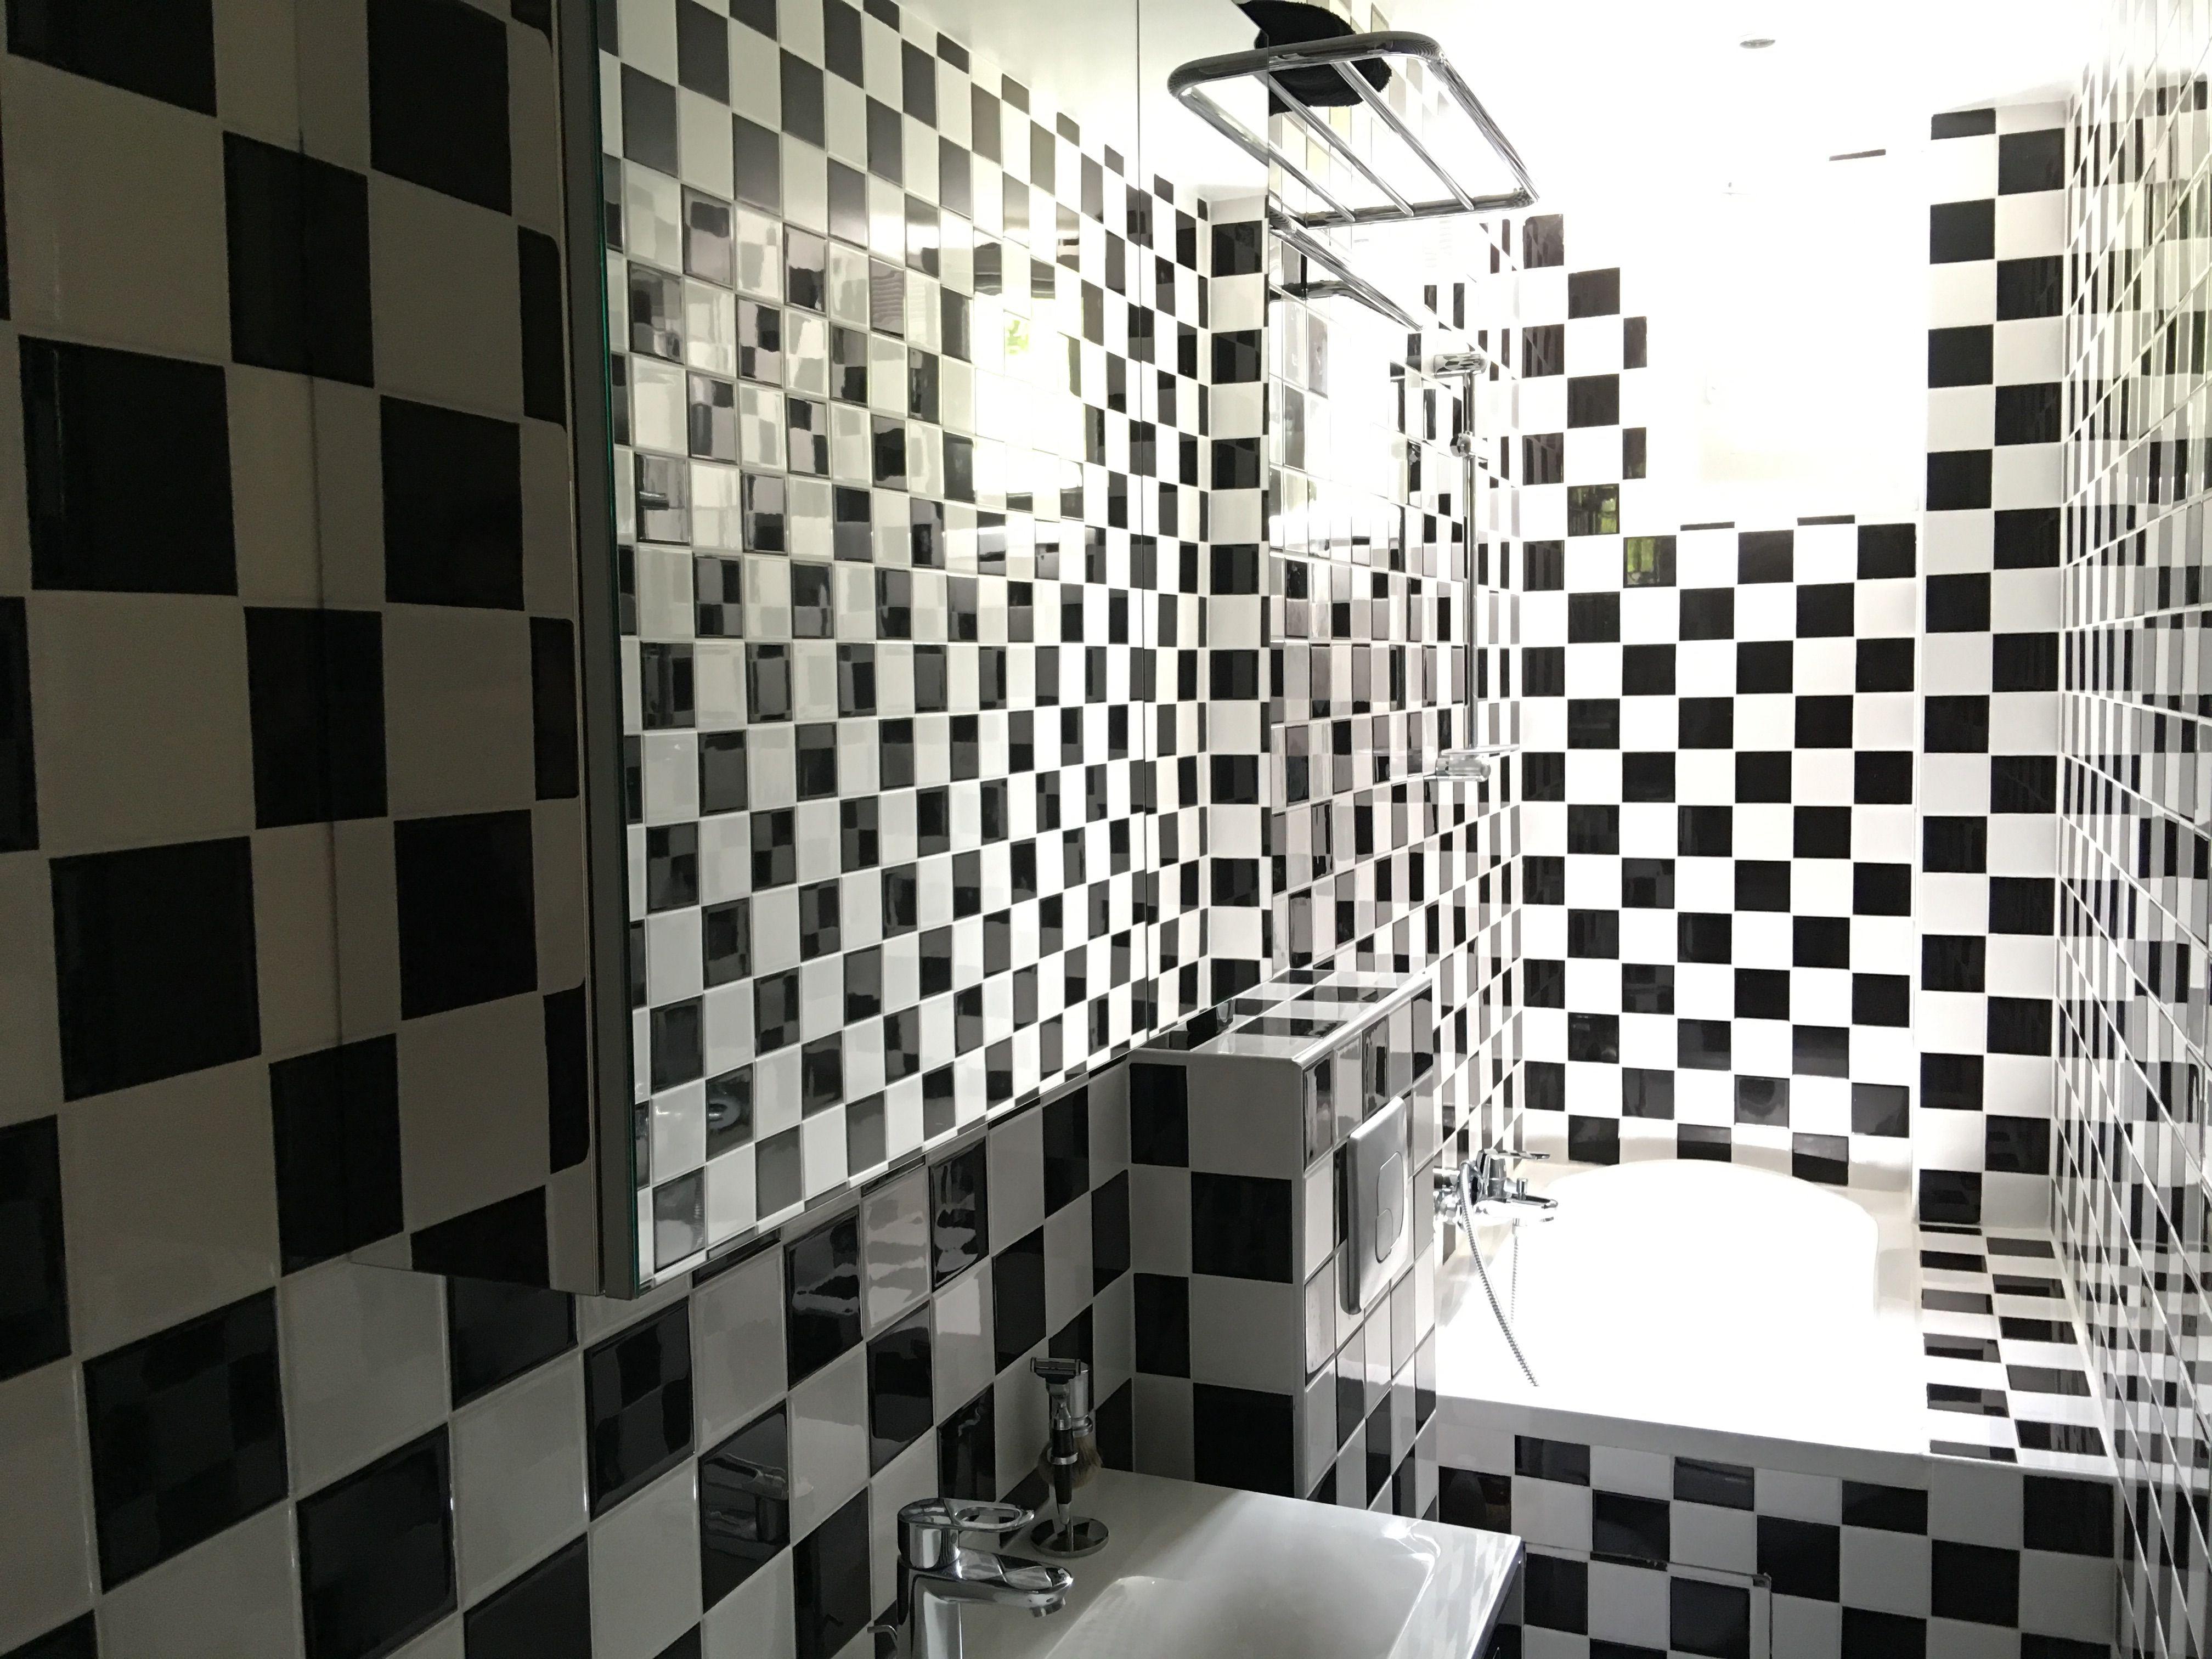 ma salle de bain en damier